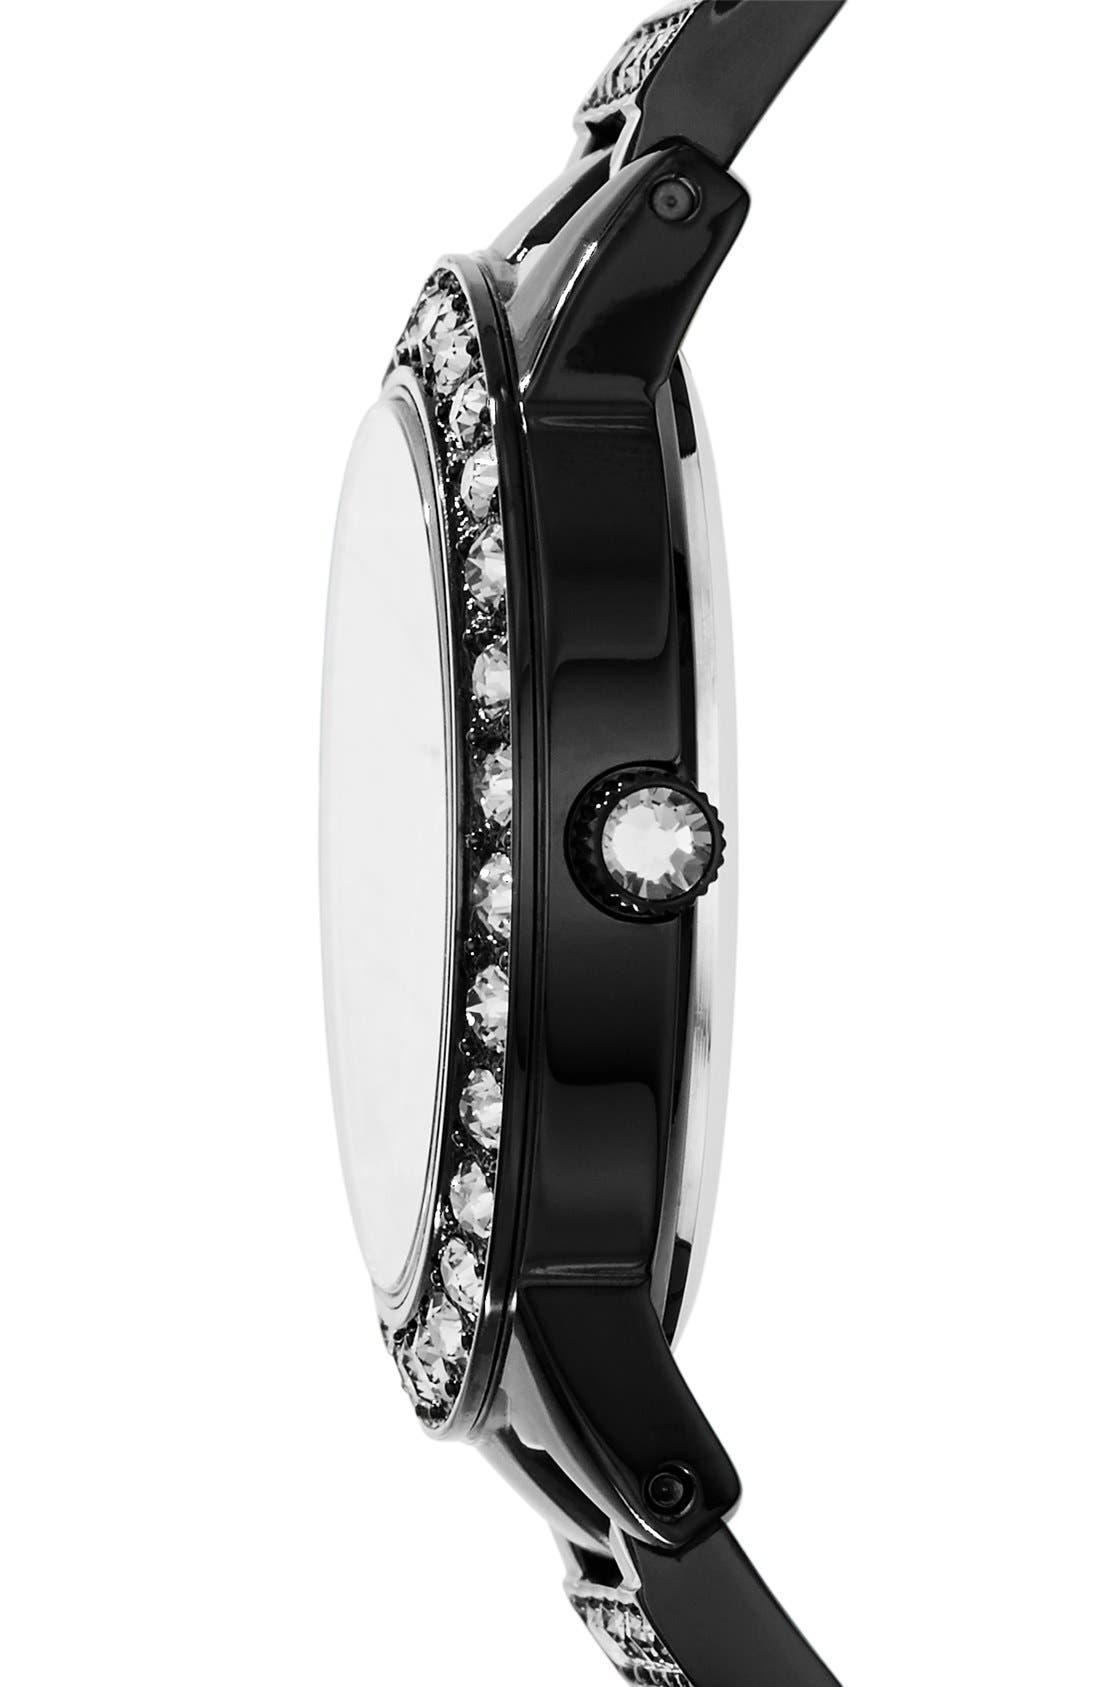 FOSSIL,                             'Jesse' Crystal Embellished Bracelet Watch, 34mm,                             Alternate thumbnail 3, color,                             001